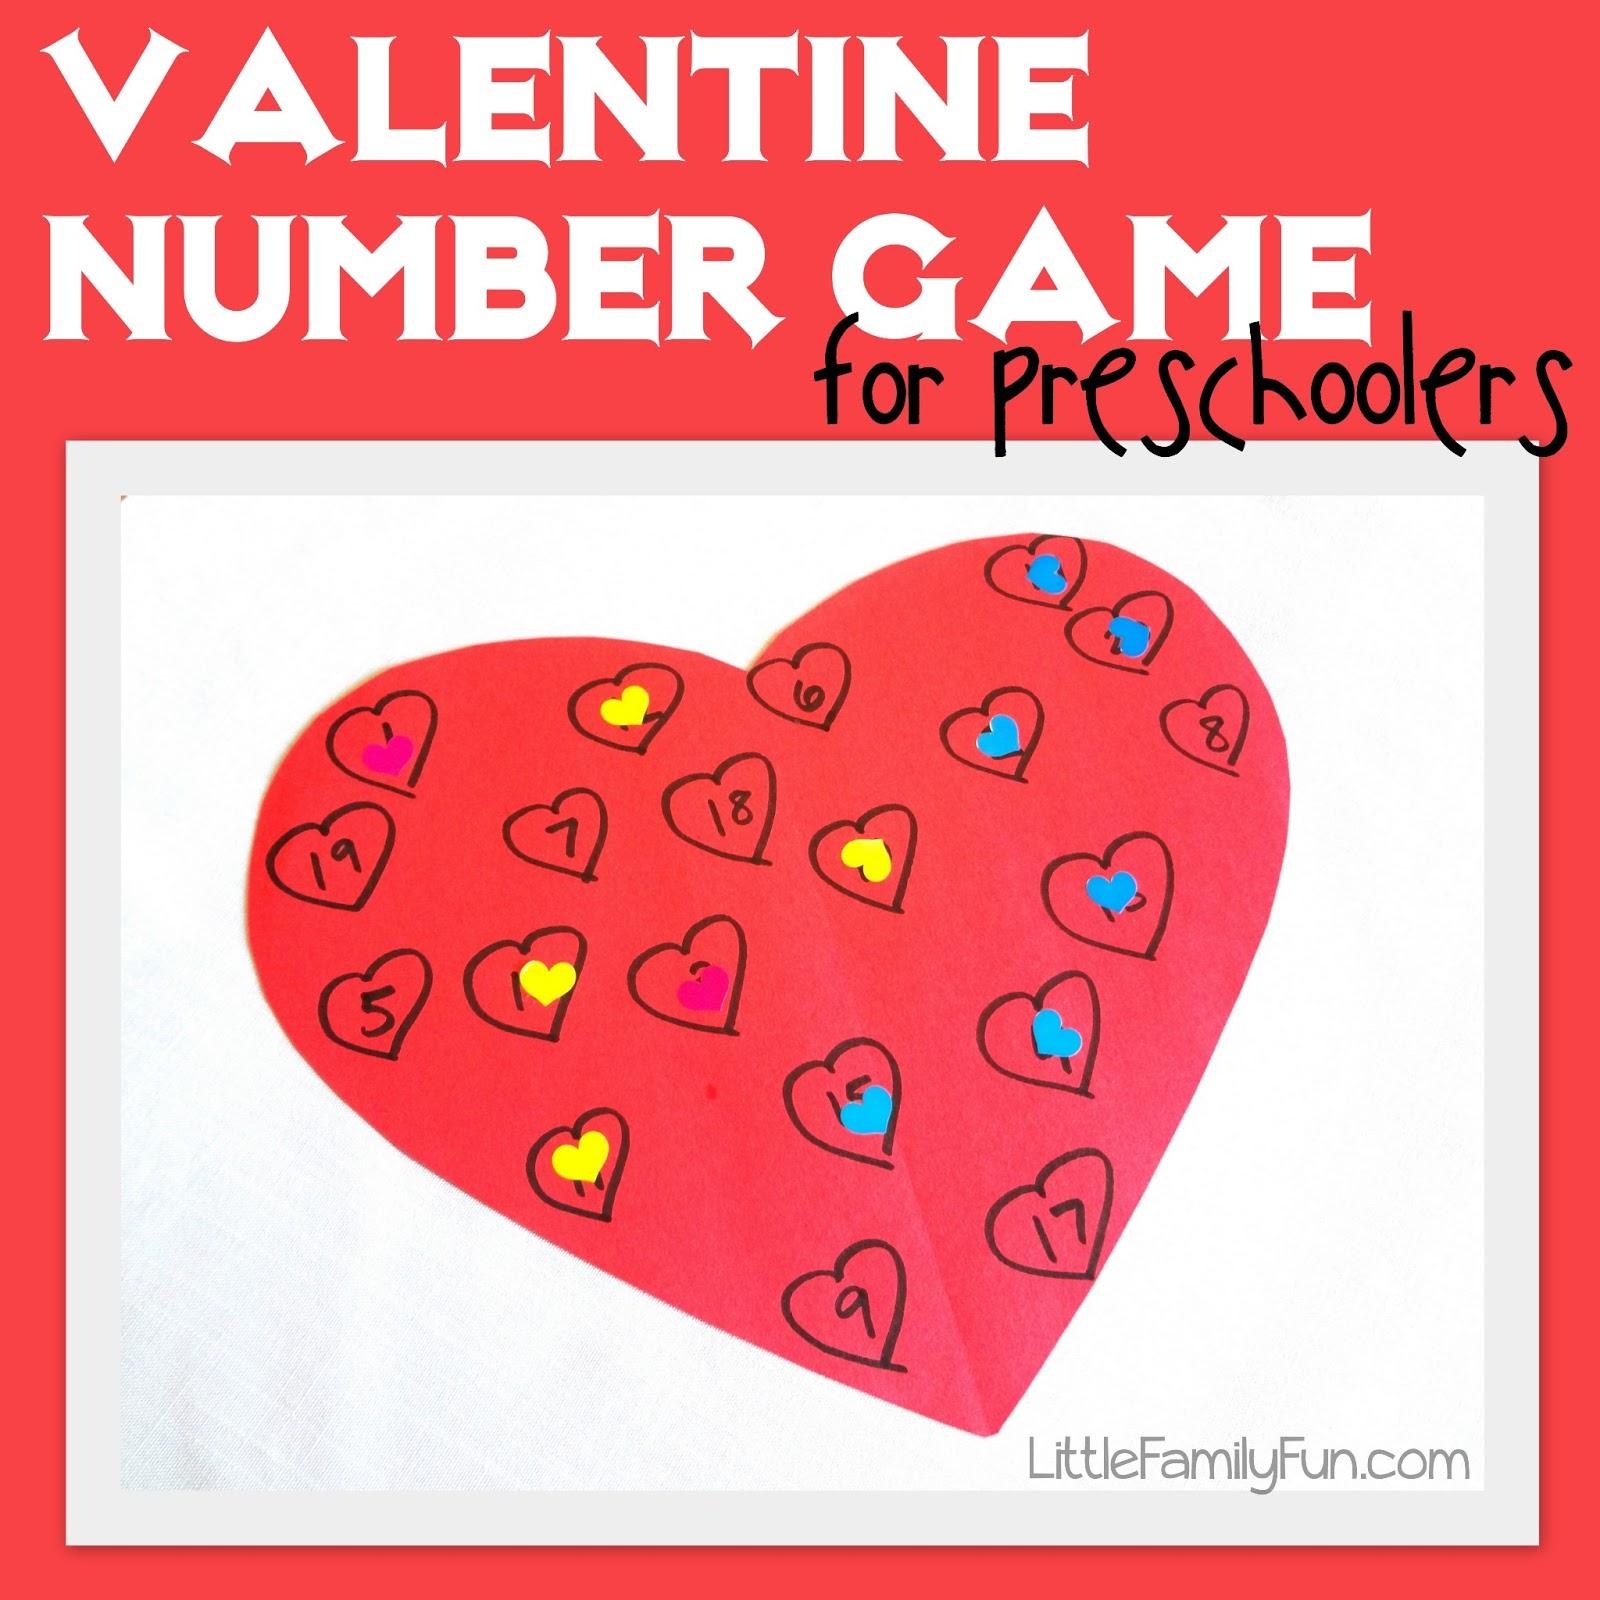 Fun valentine games